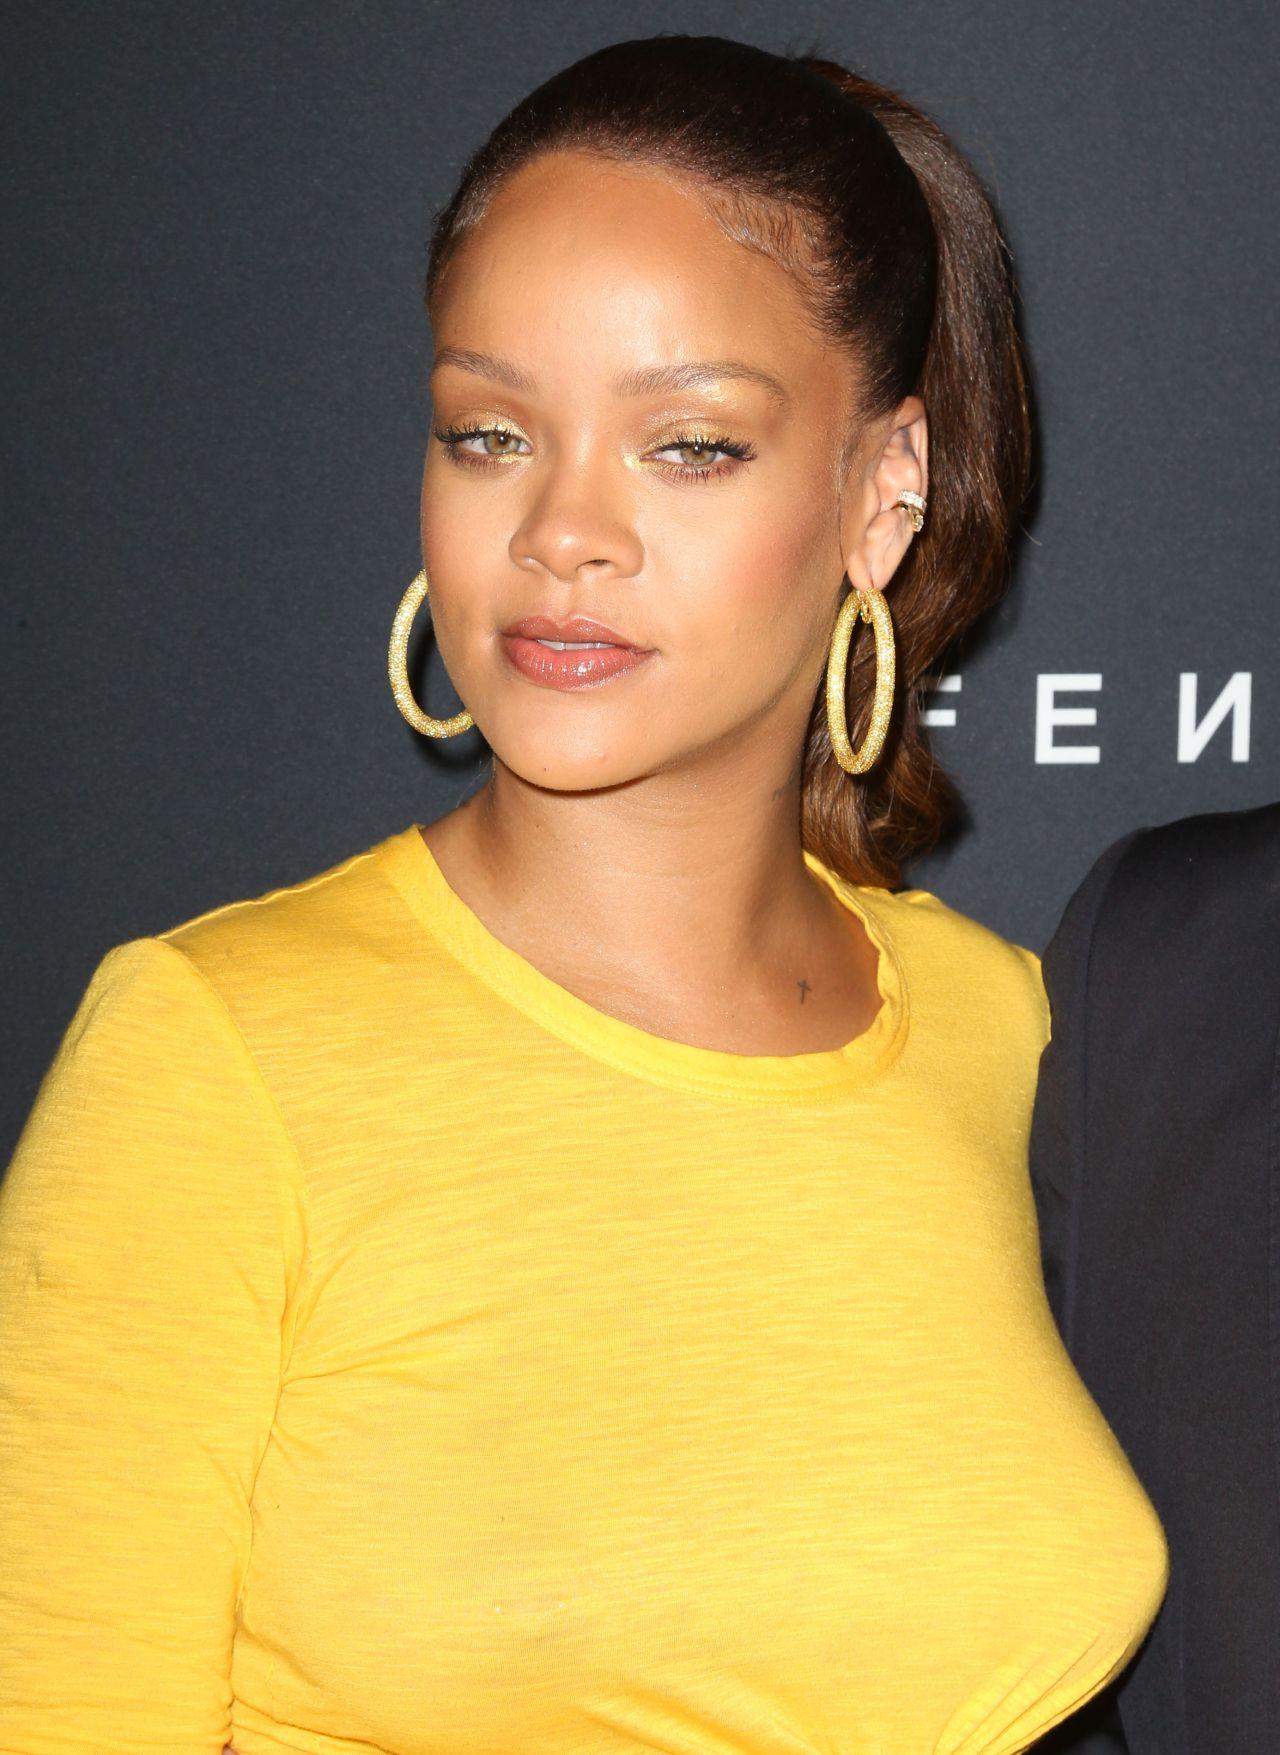 Rihanna - Fenty Beauty By Rihanna Launch in NYC 09/07/2017 Rihanna